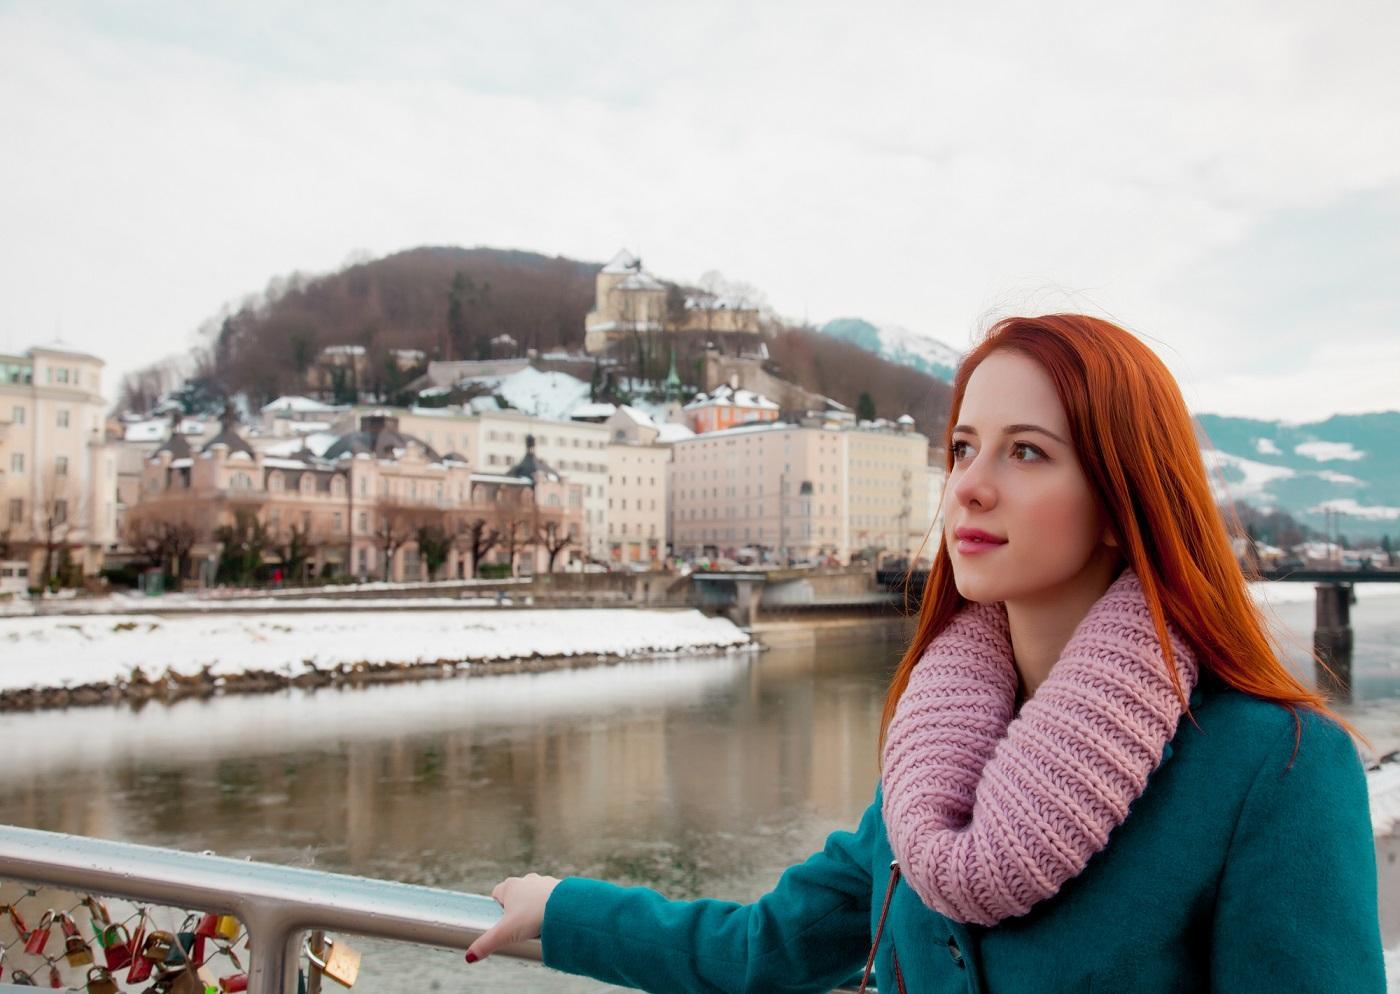 Гражданство Австрии за инвестиции 2019: самая актуальная информация